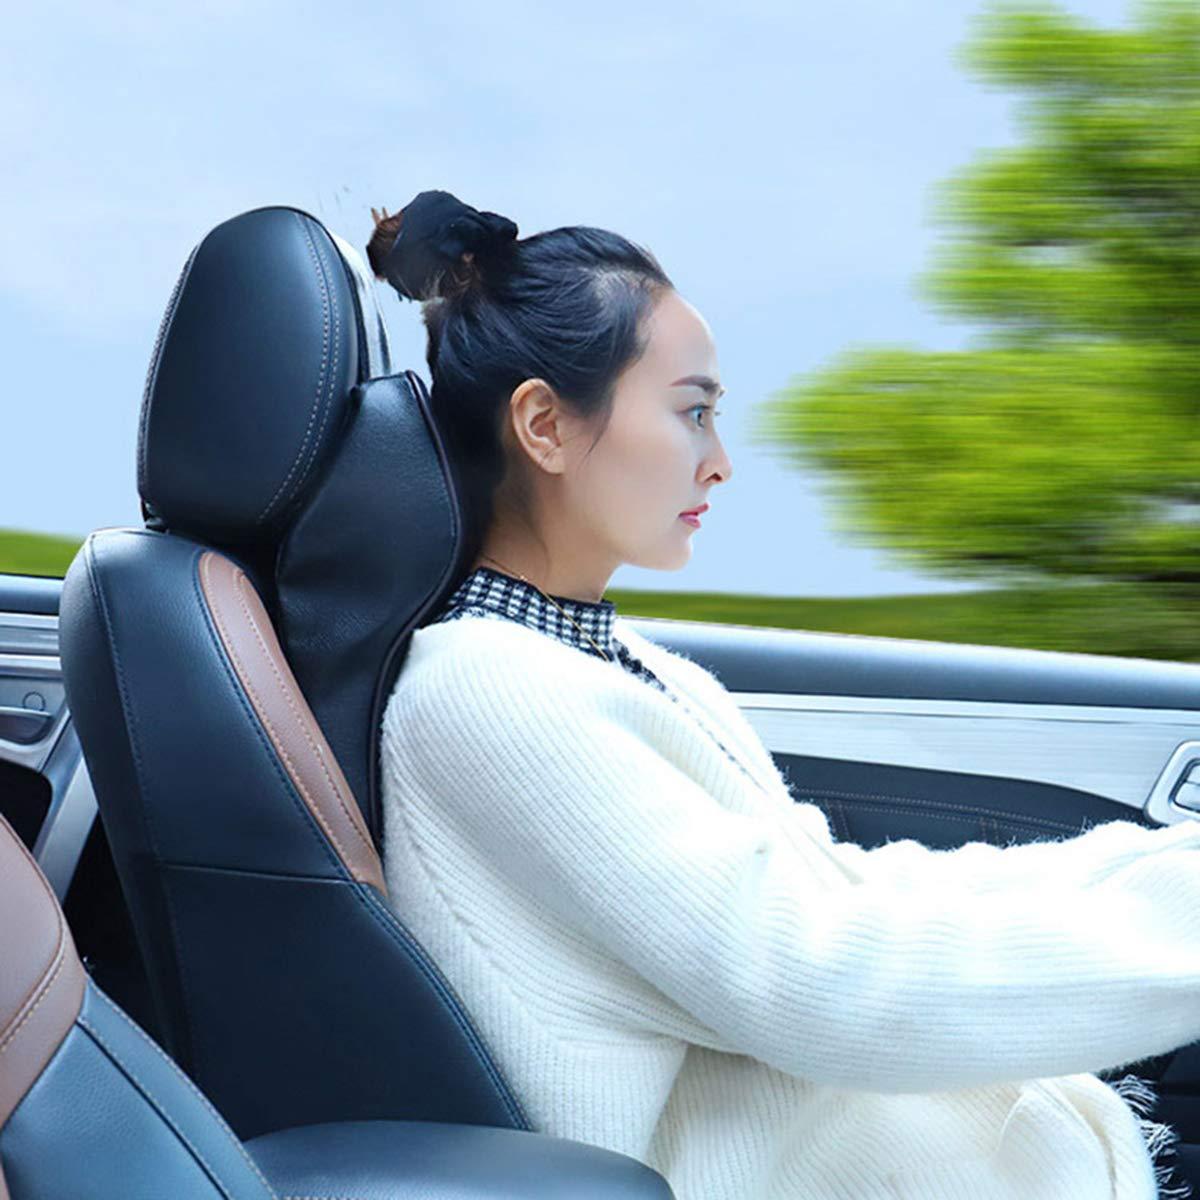 LIOOBO Car Headrest Cushion Pillow Neck Headrest Support Pillow Car Seats Accessories Black